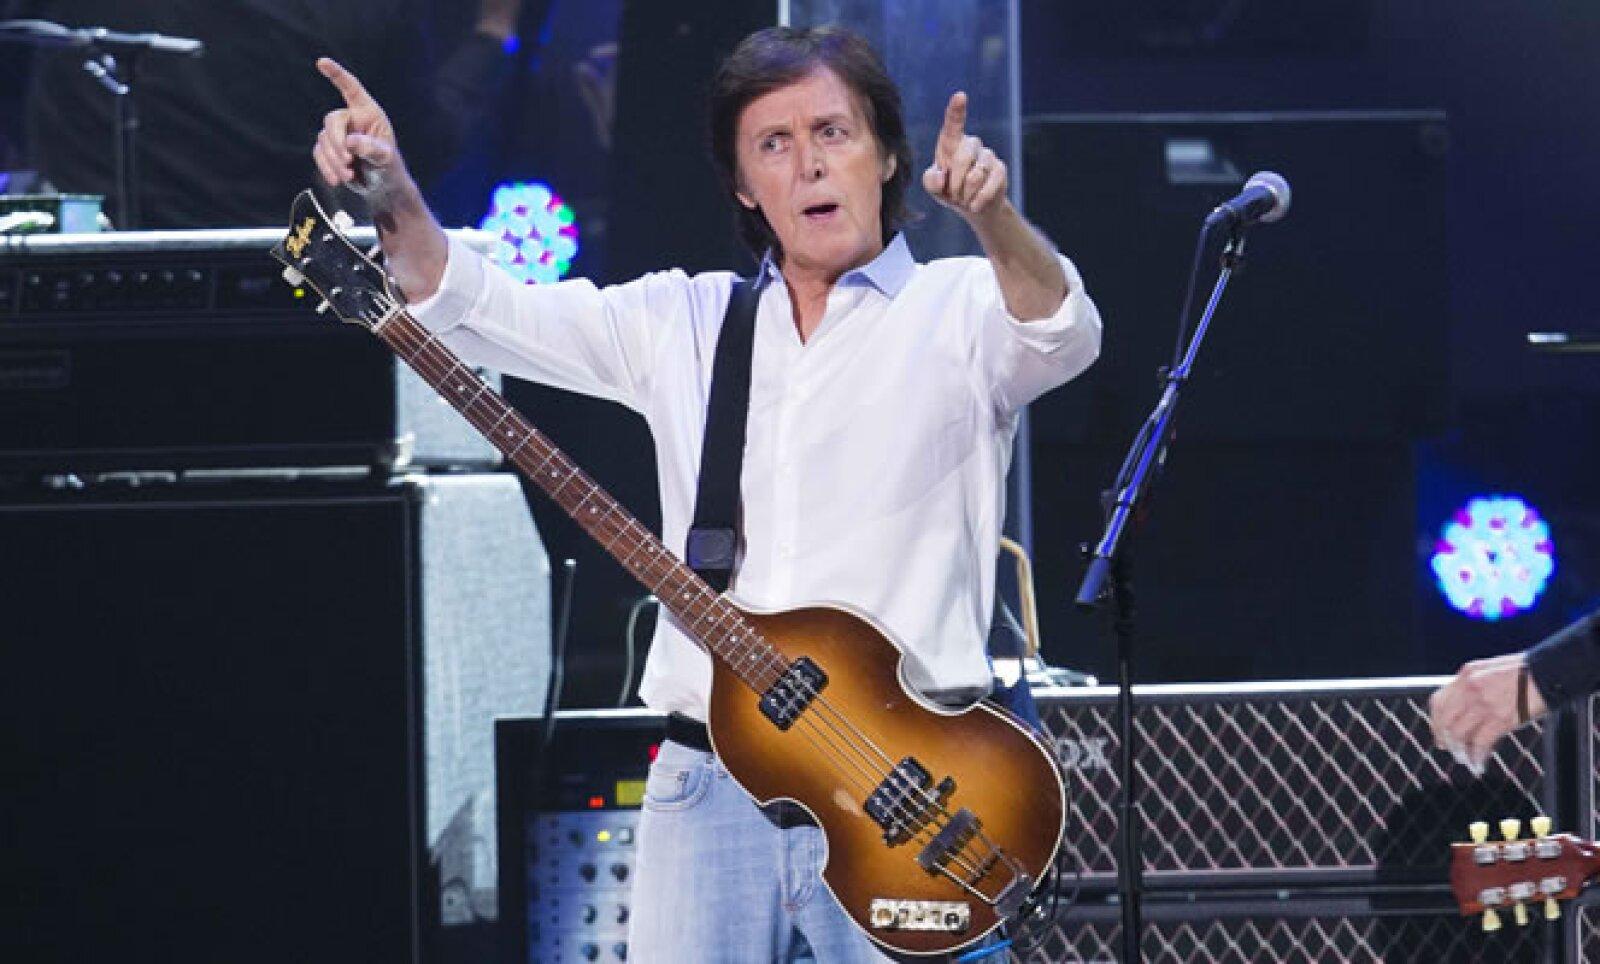 Sir Paul McCartney cerró el evento benéfico con temas clásicos de los Beatles. Dave Grohl y Krist Novoselic, ex integrantes de Nirvana, se sumaron al show del inglés.